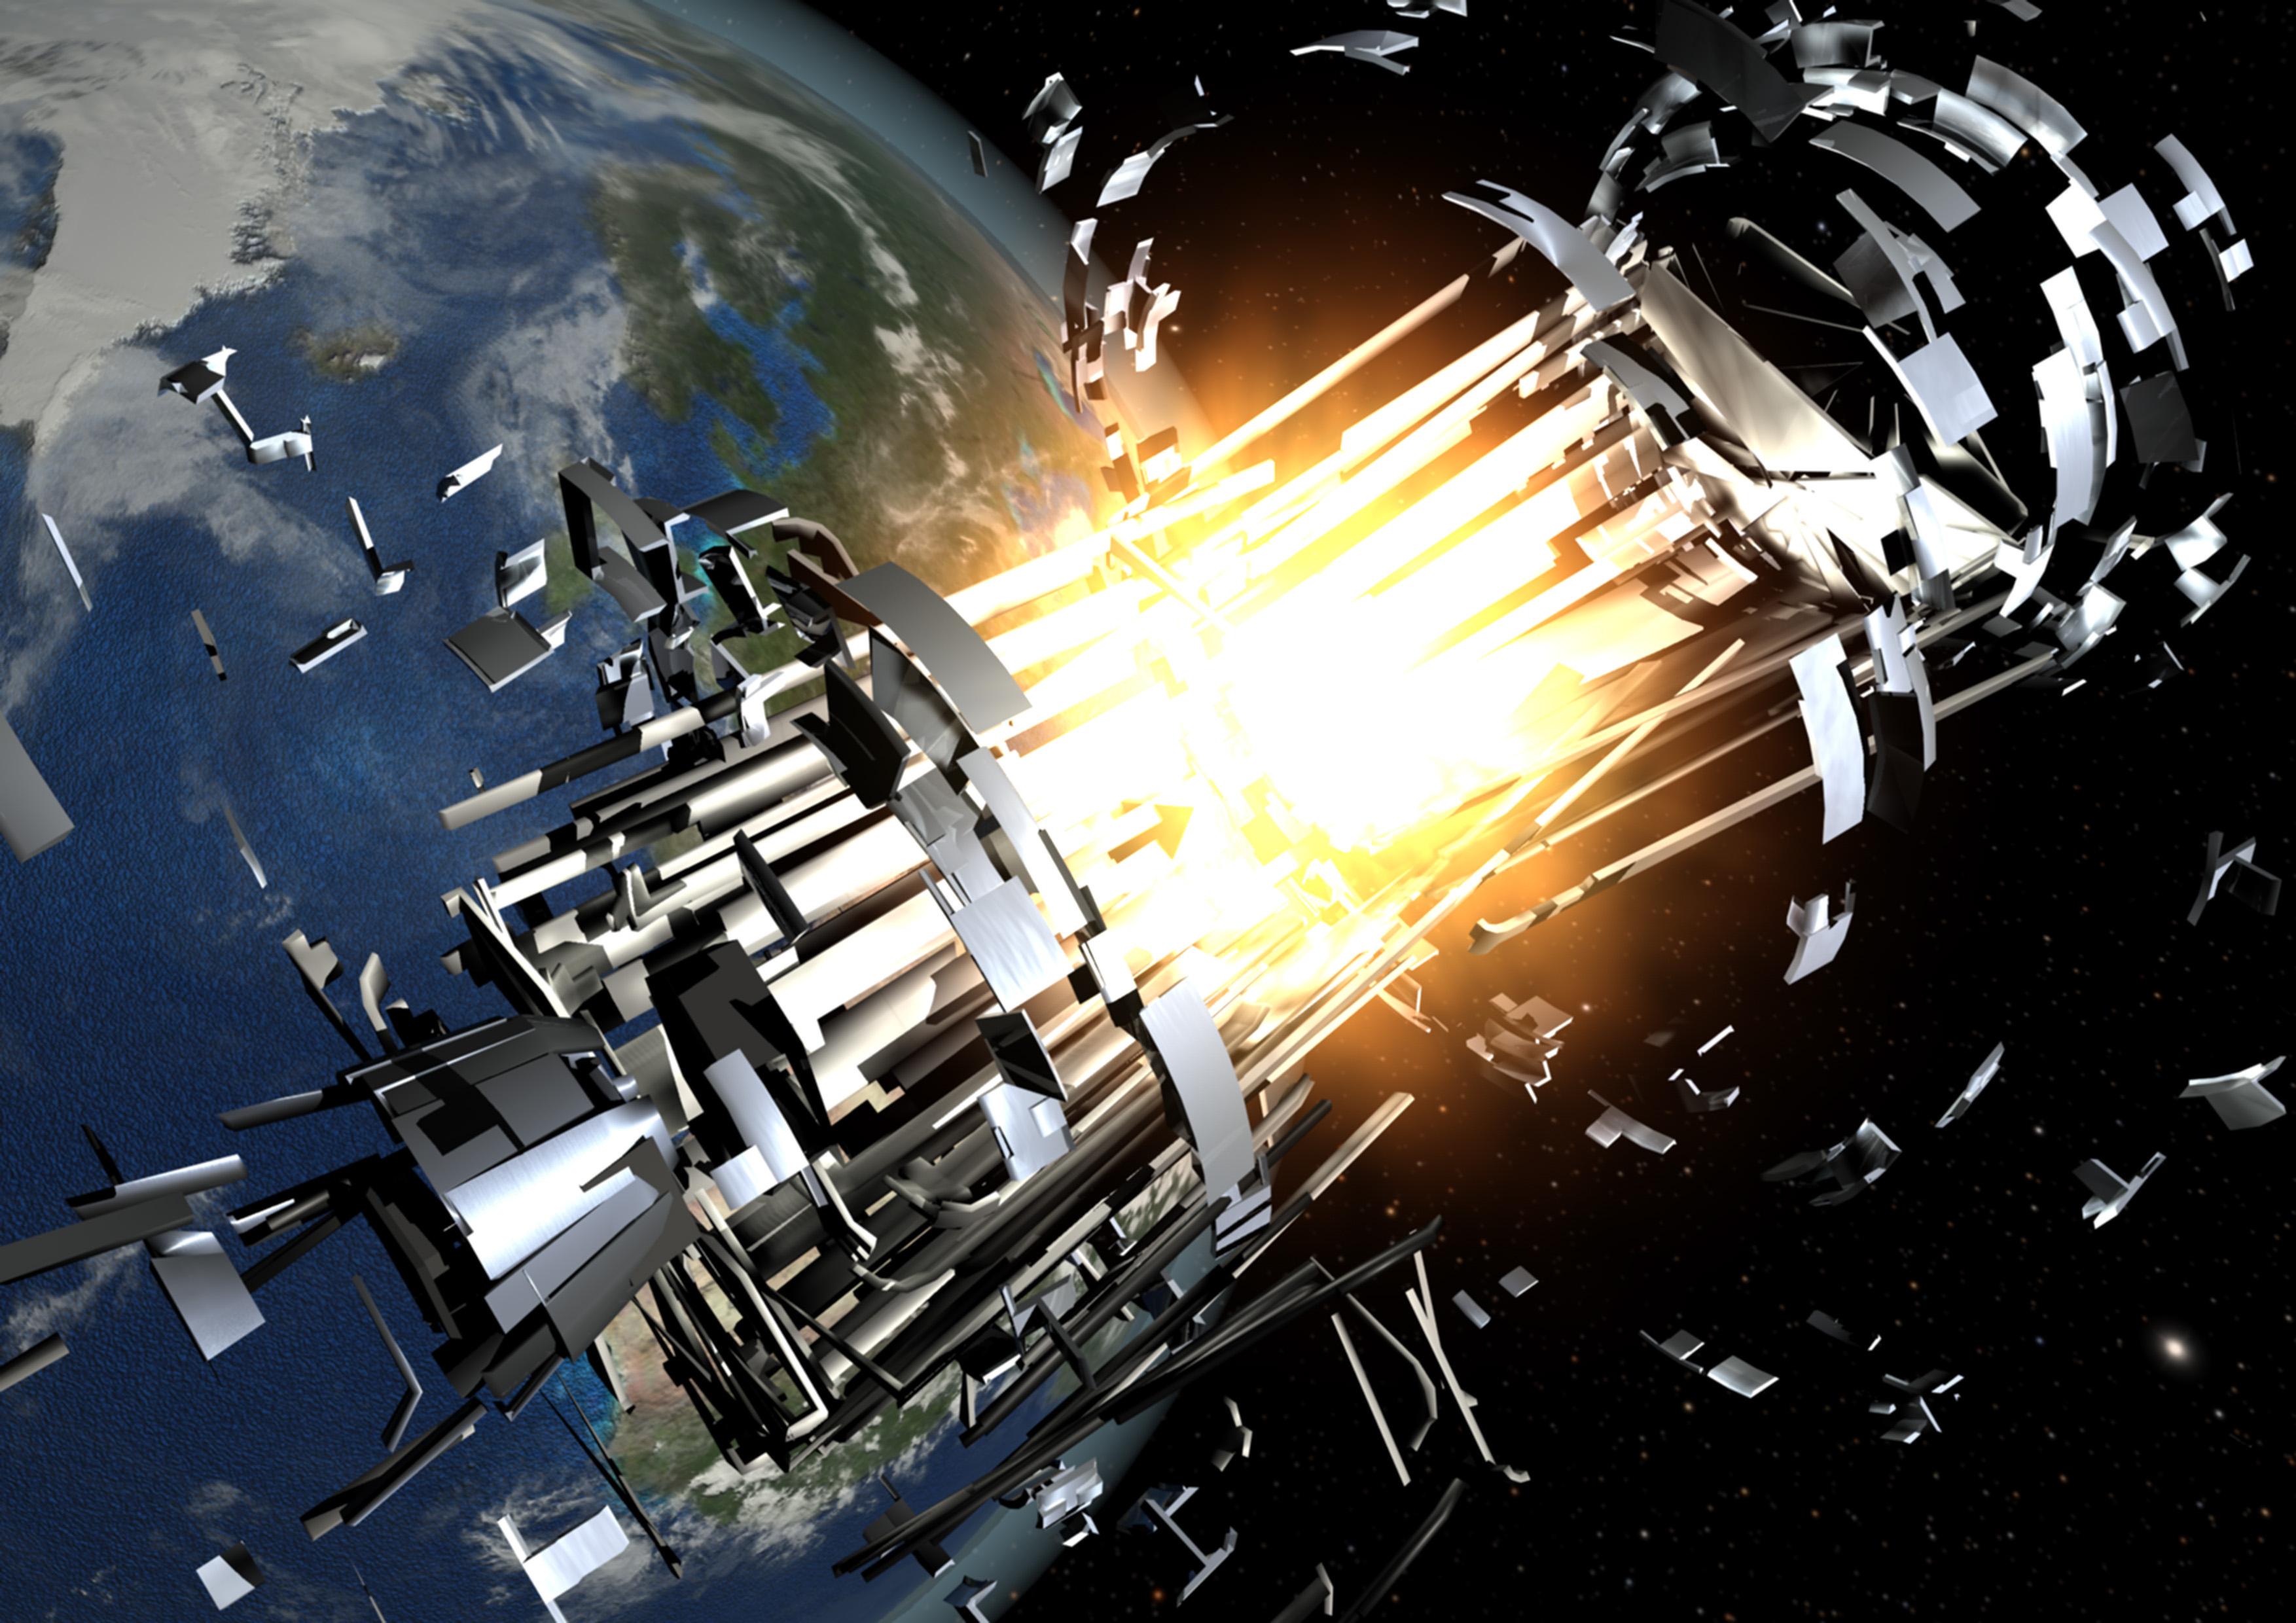 NASA, ESA und andere Raumagenturen erforschen Methoden zur Reduzierung von Trümmerteilen in den Umlaufbahnen